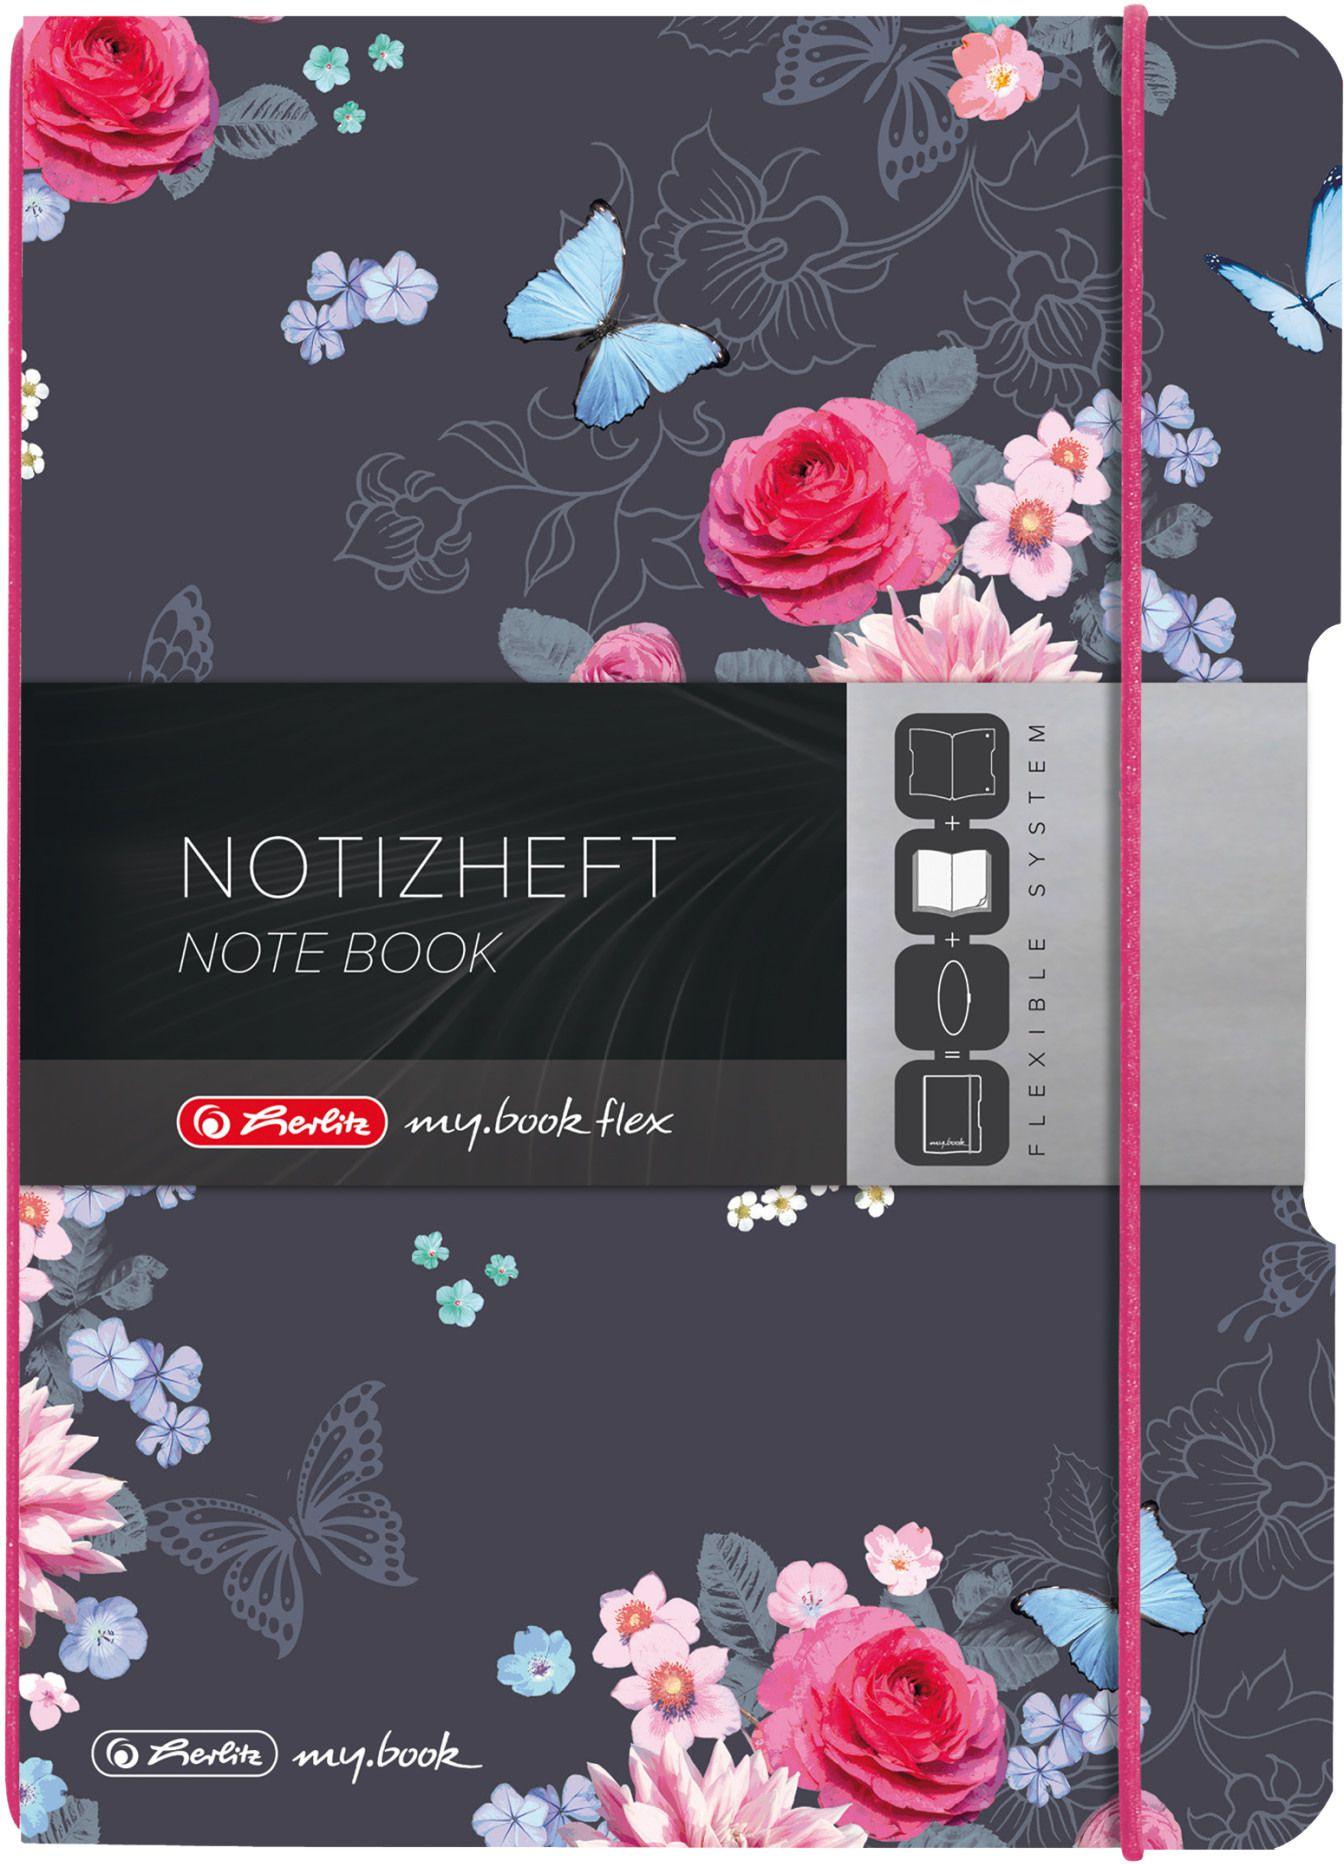 Notizbuch my.book flex Herlitz Ladylike 40 Seiten A6